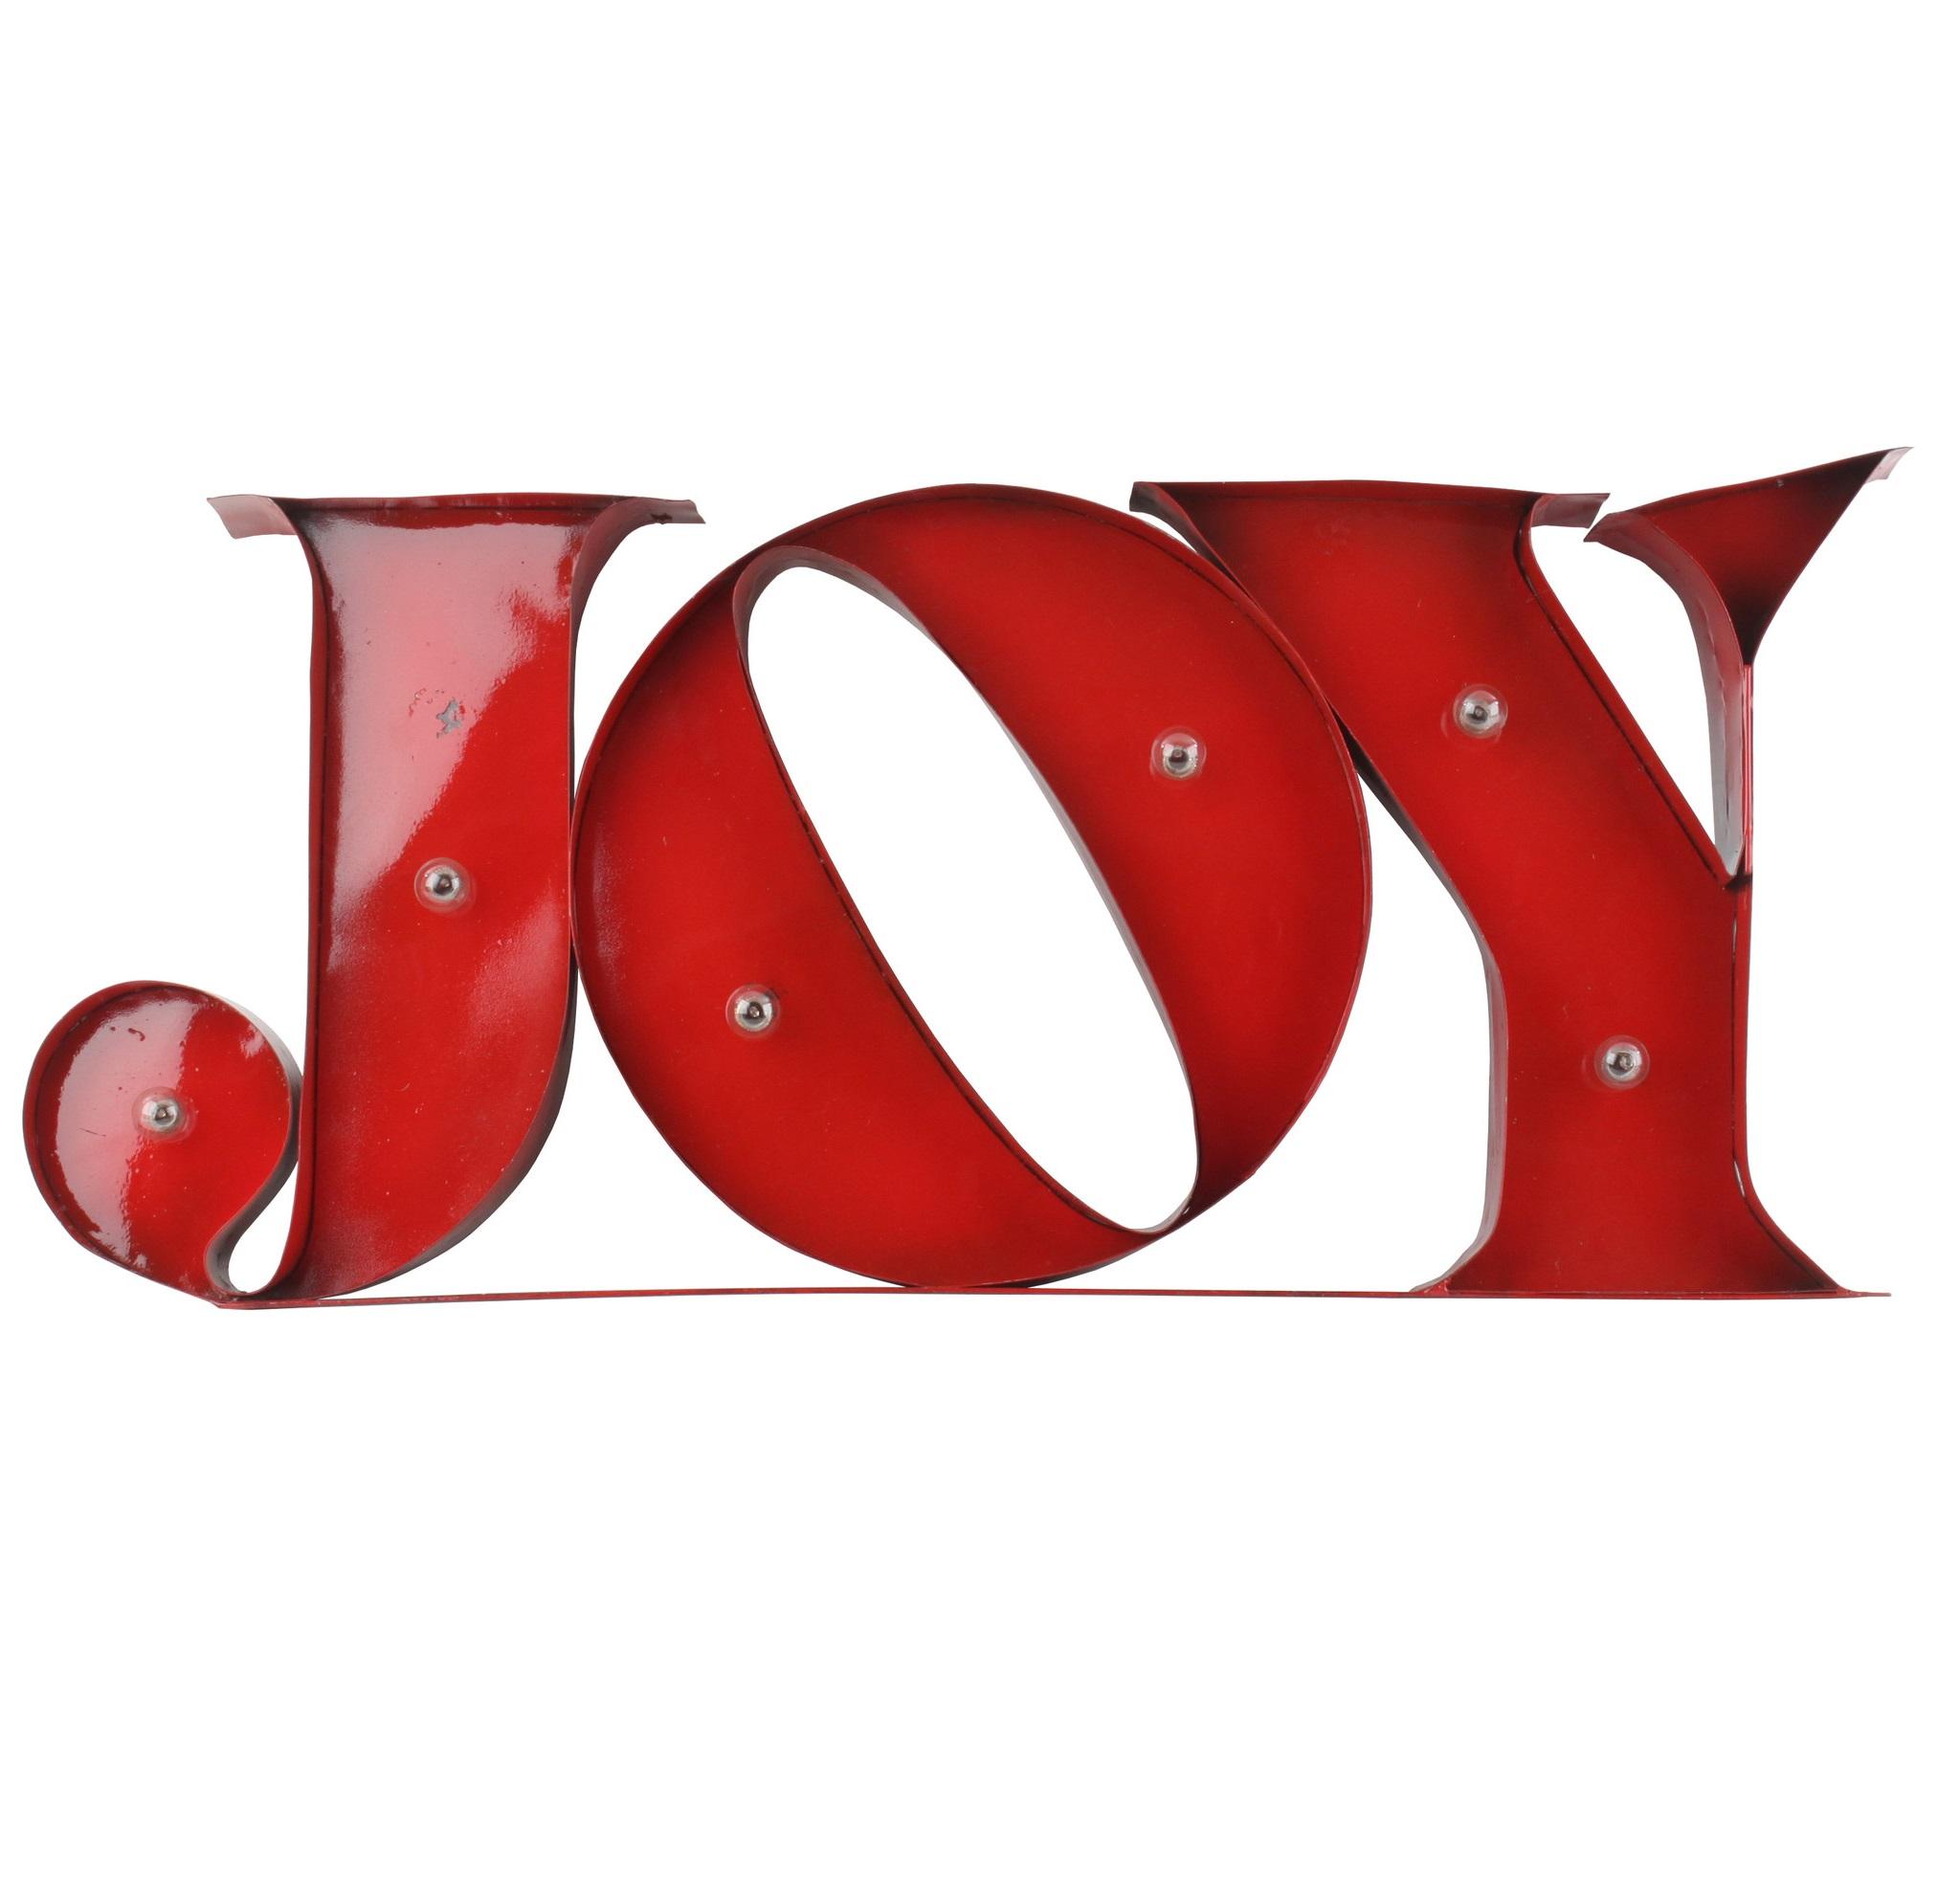 Вывеска настенная с подсветкойДругое<br>&amp;lt;div&amp;gt;Это вывеска уверенно призывает не терять ни минуты и радоваться жизни здесь и сейчас, ведь joy означает &amp;quot;радость&amp;quot;. Ее присутствие в любом месте дома или квартиры будет заряжать позитивом, наполняя &amp;amp;nbsp;силами для новых свершений. Буквы нарочно неровно расположены, создавая впечатление легкой игривости и беззаботности.&amp;lt;/div&amp;gt;&amp;lt;div&amp;gt;&amp;lt;br&amp;gt;&amp;lt;/div&amp;gt;Вывеска с подсветкой<br><br>Material: Металл<br>Ширина см: 76.0<br>Высота см: 32.0<br>Глубина см: 6.0